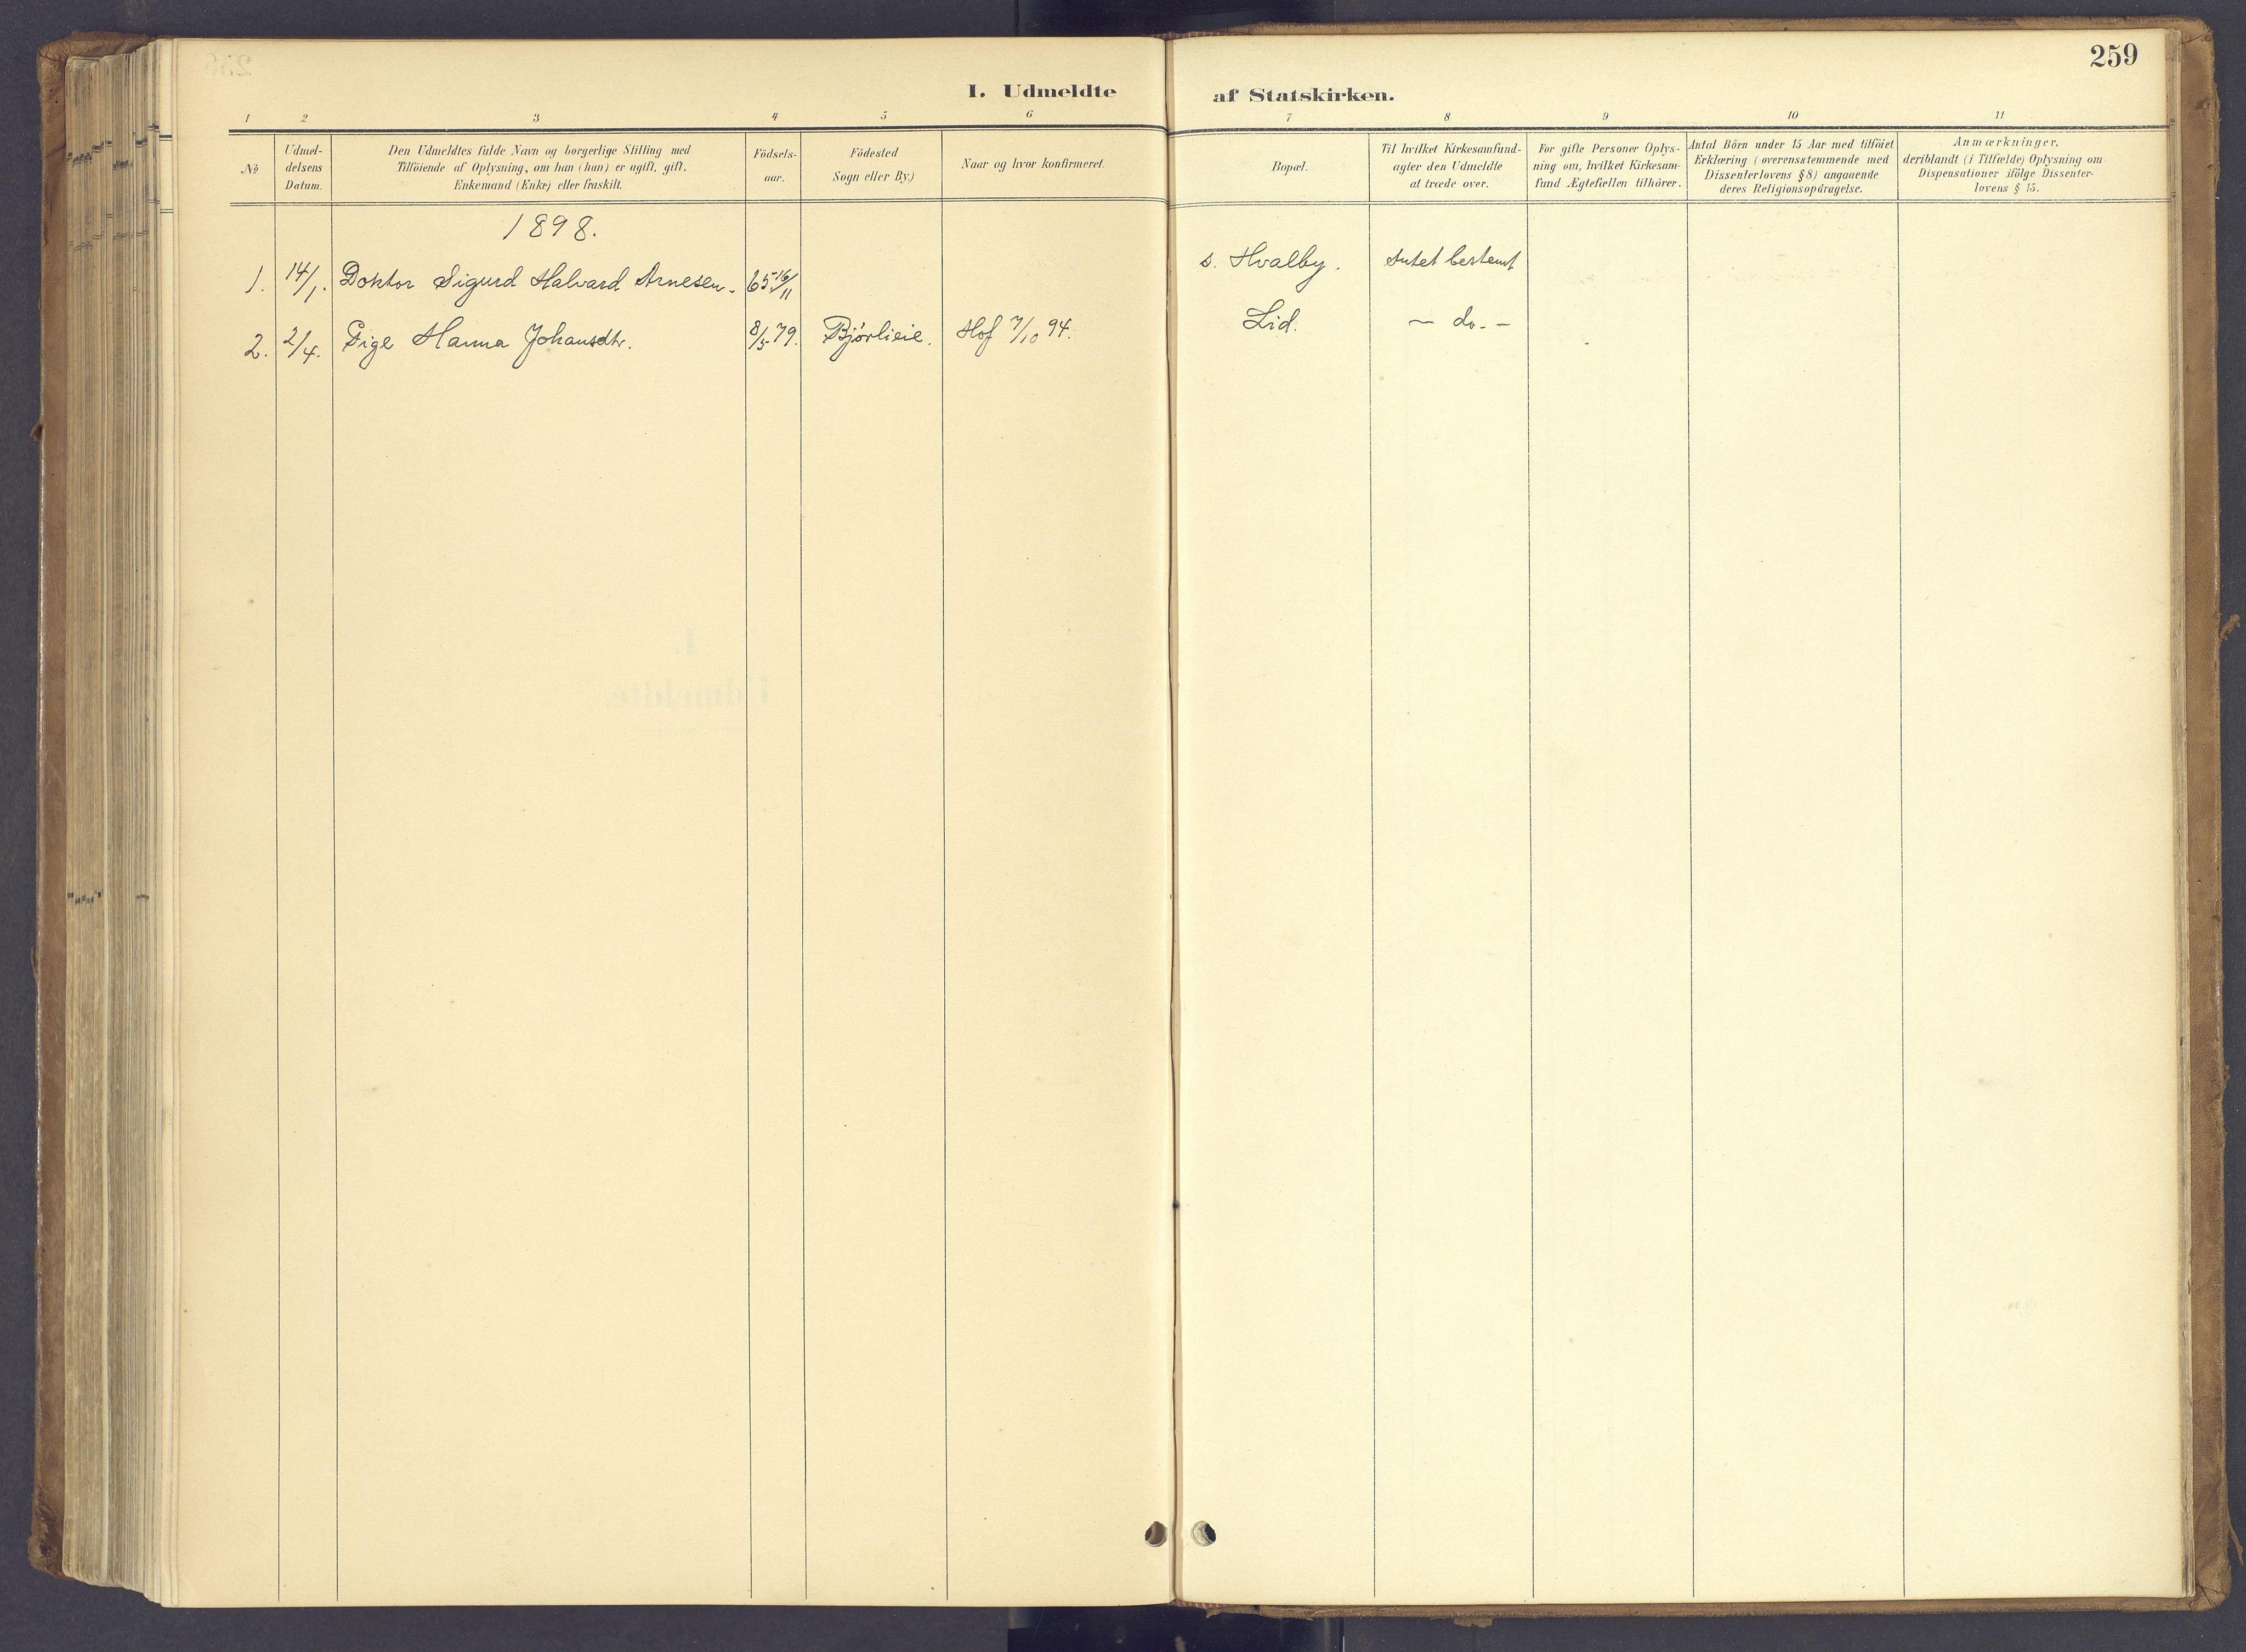 SAH, Søndre Land prestekontor, K/L0006: Parish register (official) no. 6, 1895-1904, p. 259